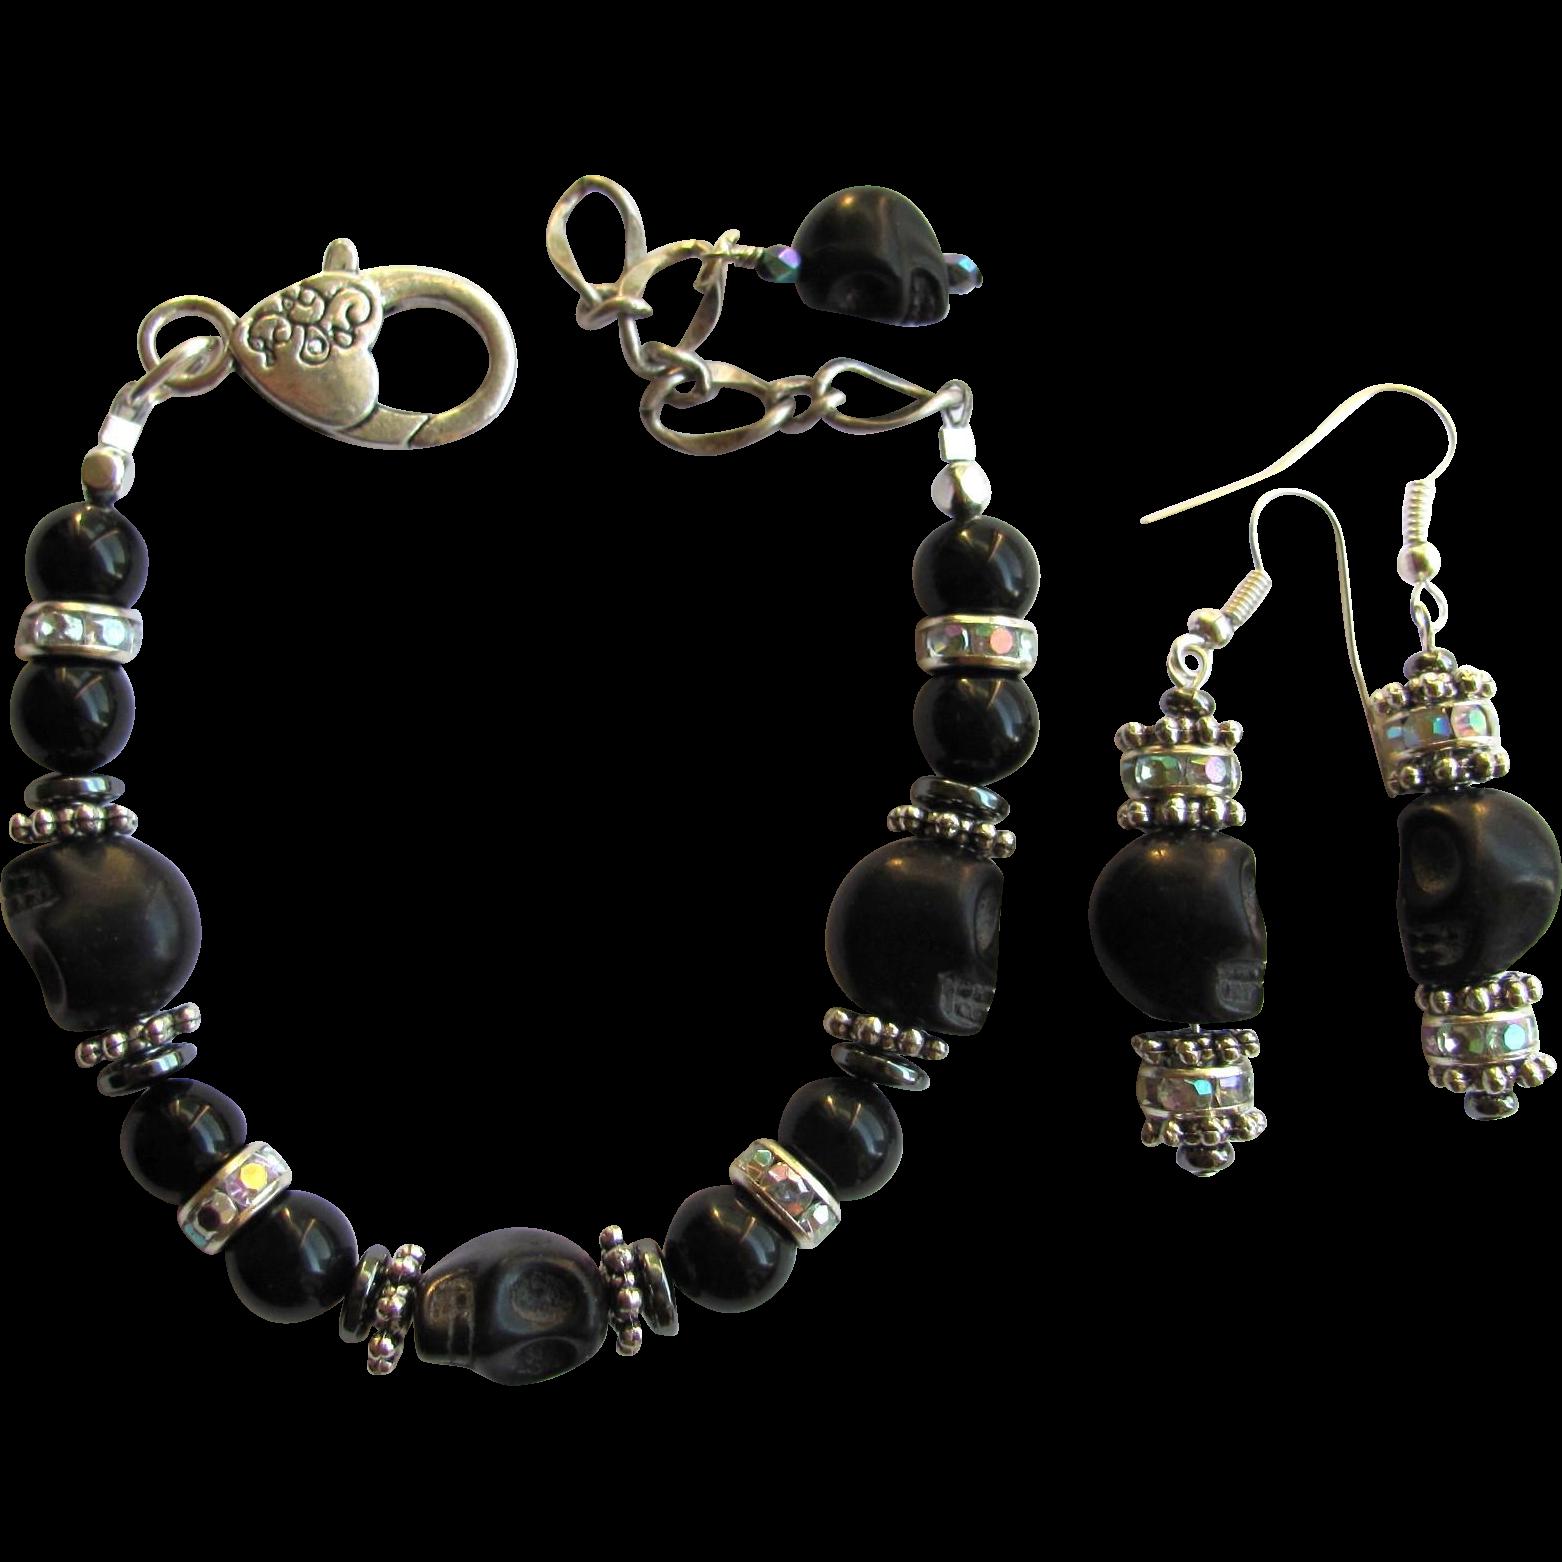 black skull bracelet and earrings with sparkling